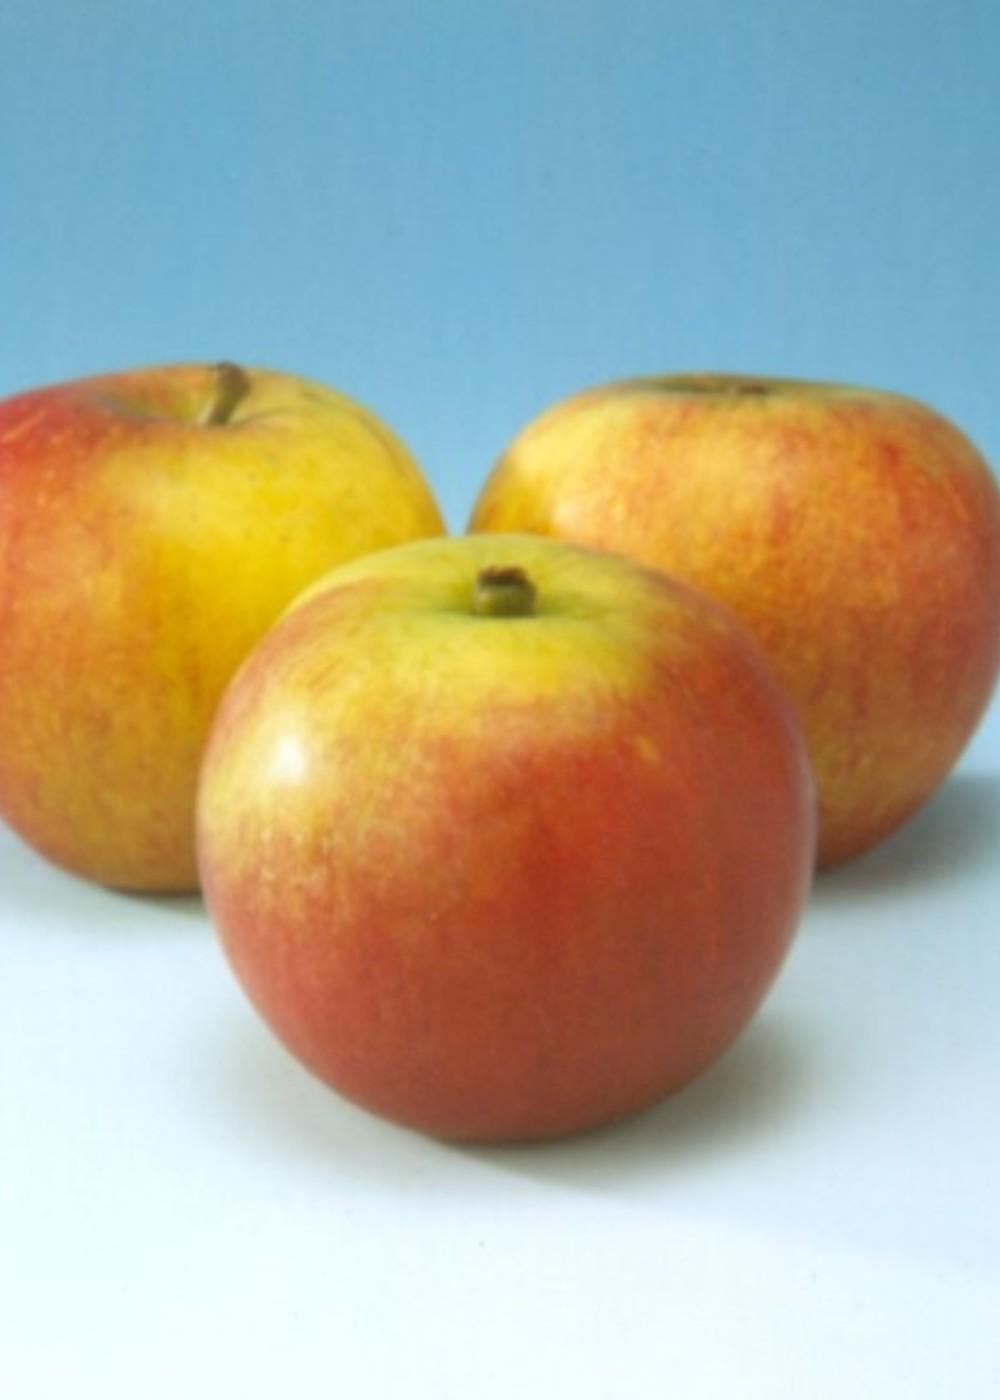 Herbstapfel 'Cox Orange Pippin' | Malus domestica 'Cox Orange Pippin'